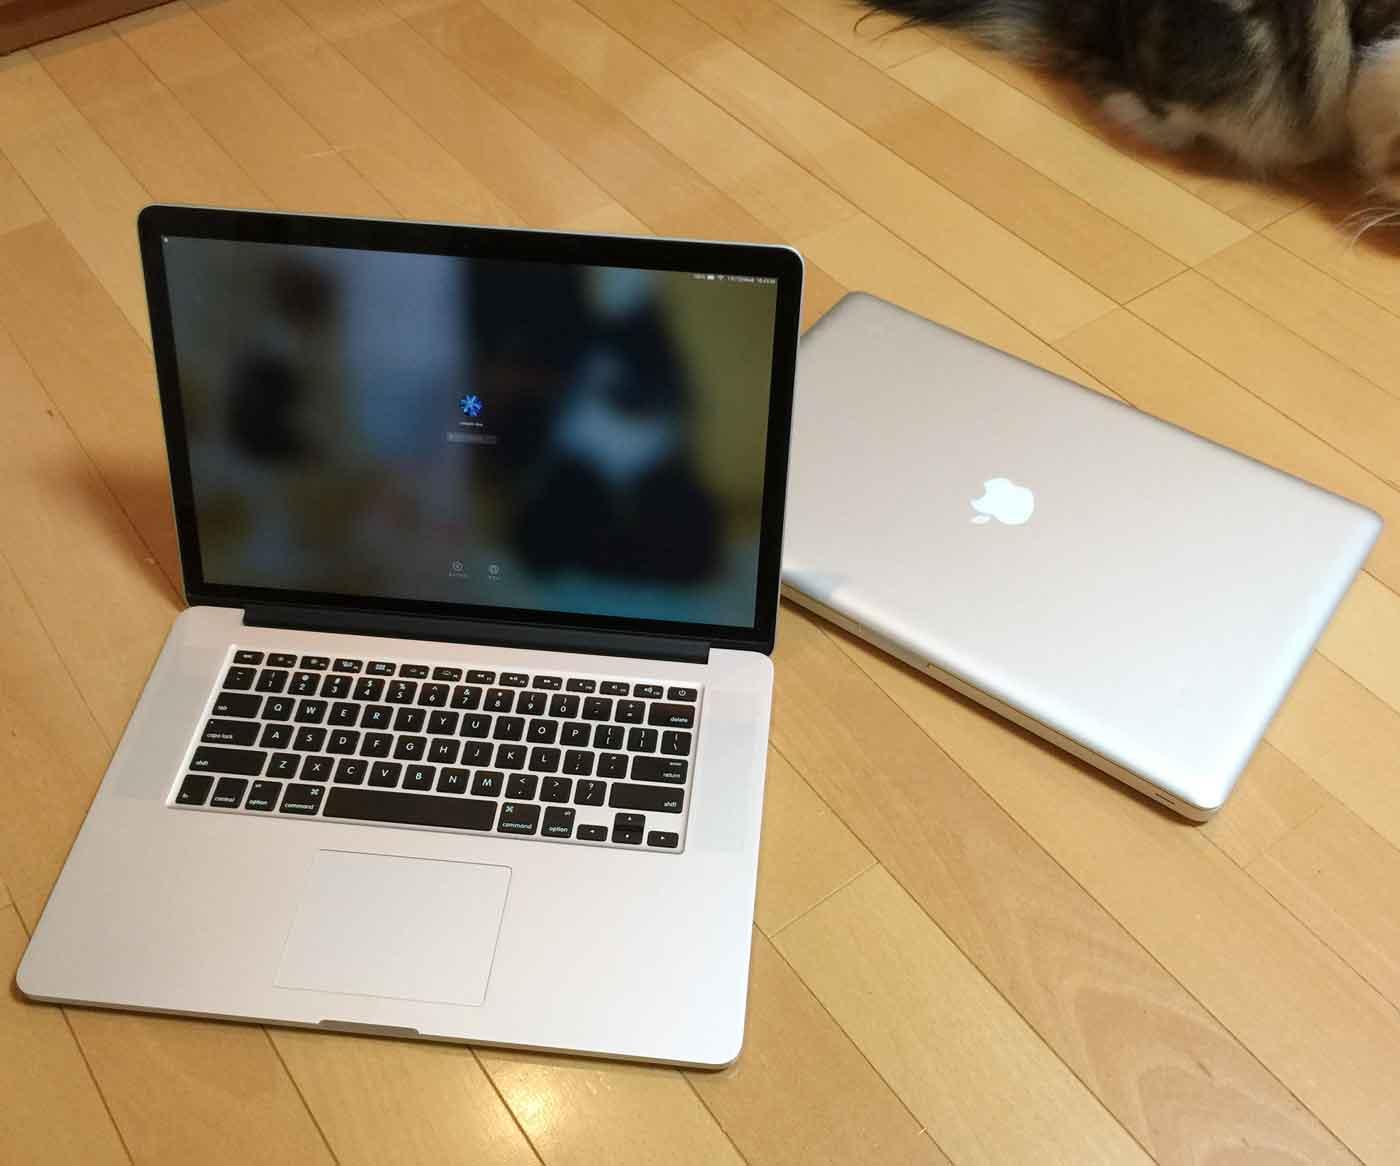 15インチのMacBook Pro Retinaディスプレイモデルと17インチのMacBook Pro